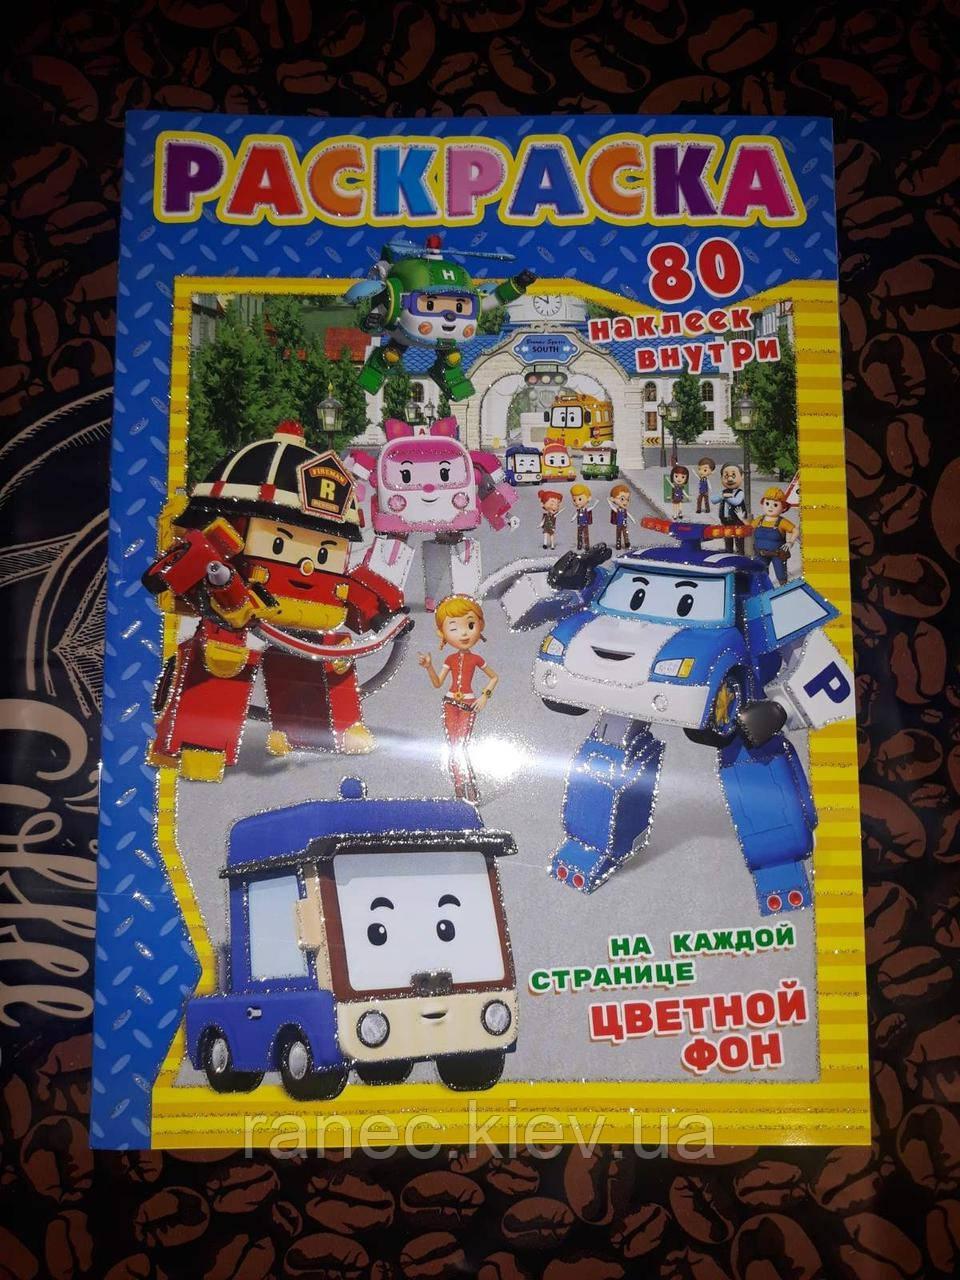 Раскраска детская А5 ( для мальчиков) robocar poli робокар поли в наборе идет 80 наклеек RASK8